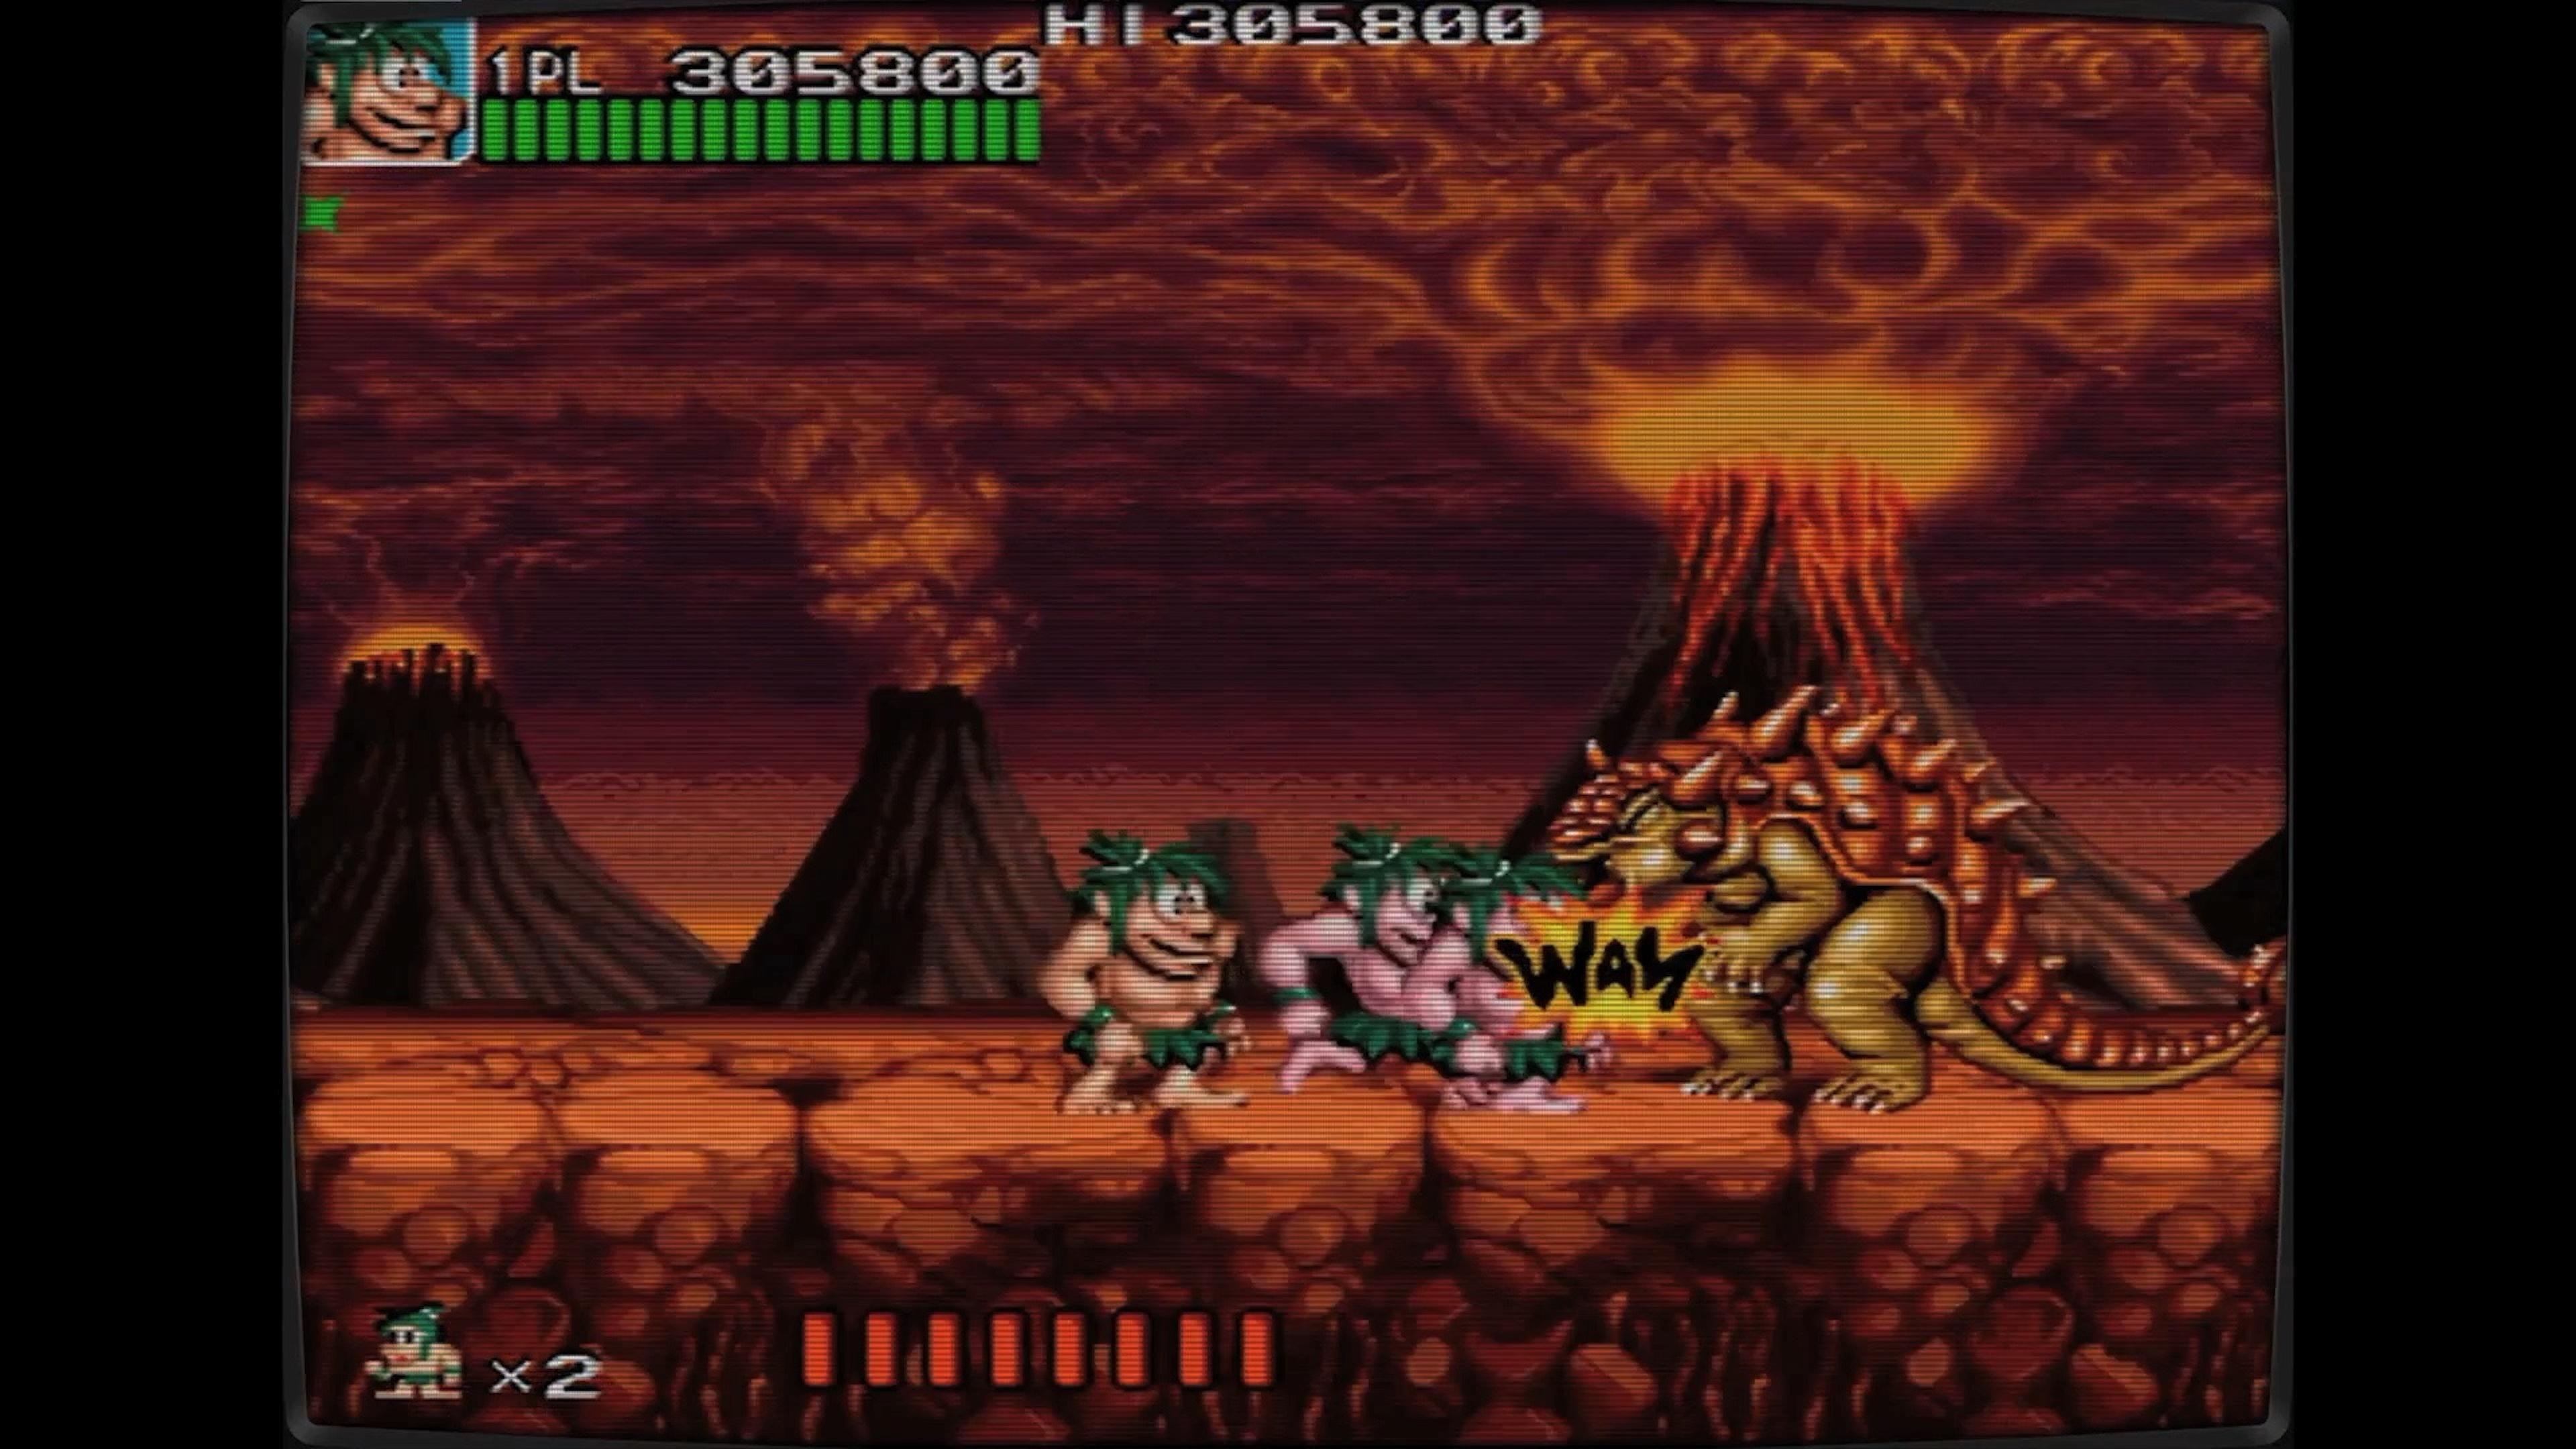 Скриншот №2 к Ретро Классикс Джо и Мак - Пещерный человек ниндзя